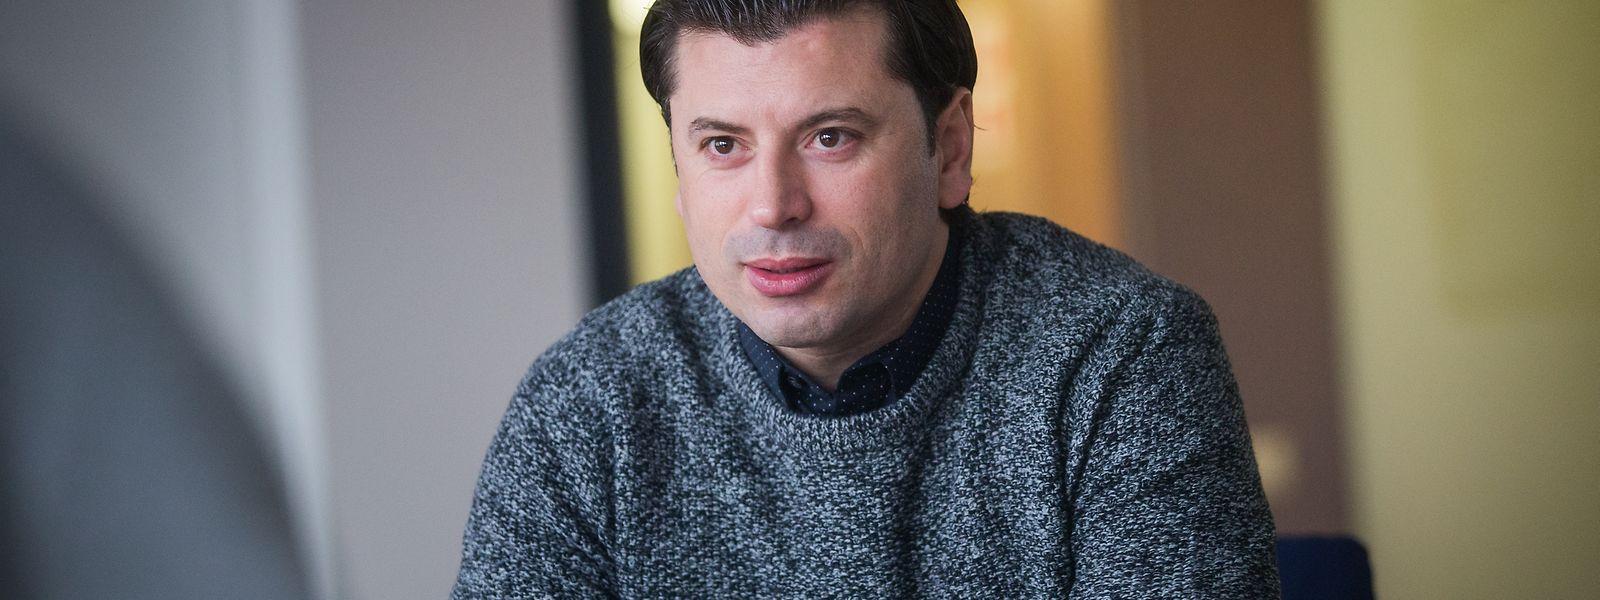 Fangueiro é o novo treinador do Union Titus Pétange, substituindo Baltemar Brito, dispensado na pausa de inverno.